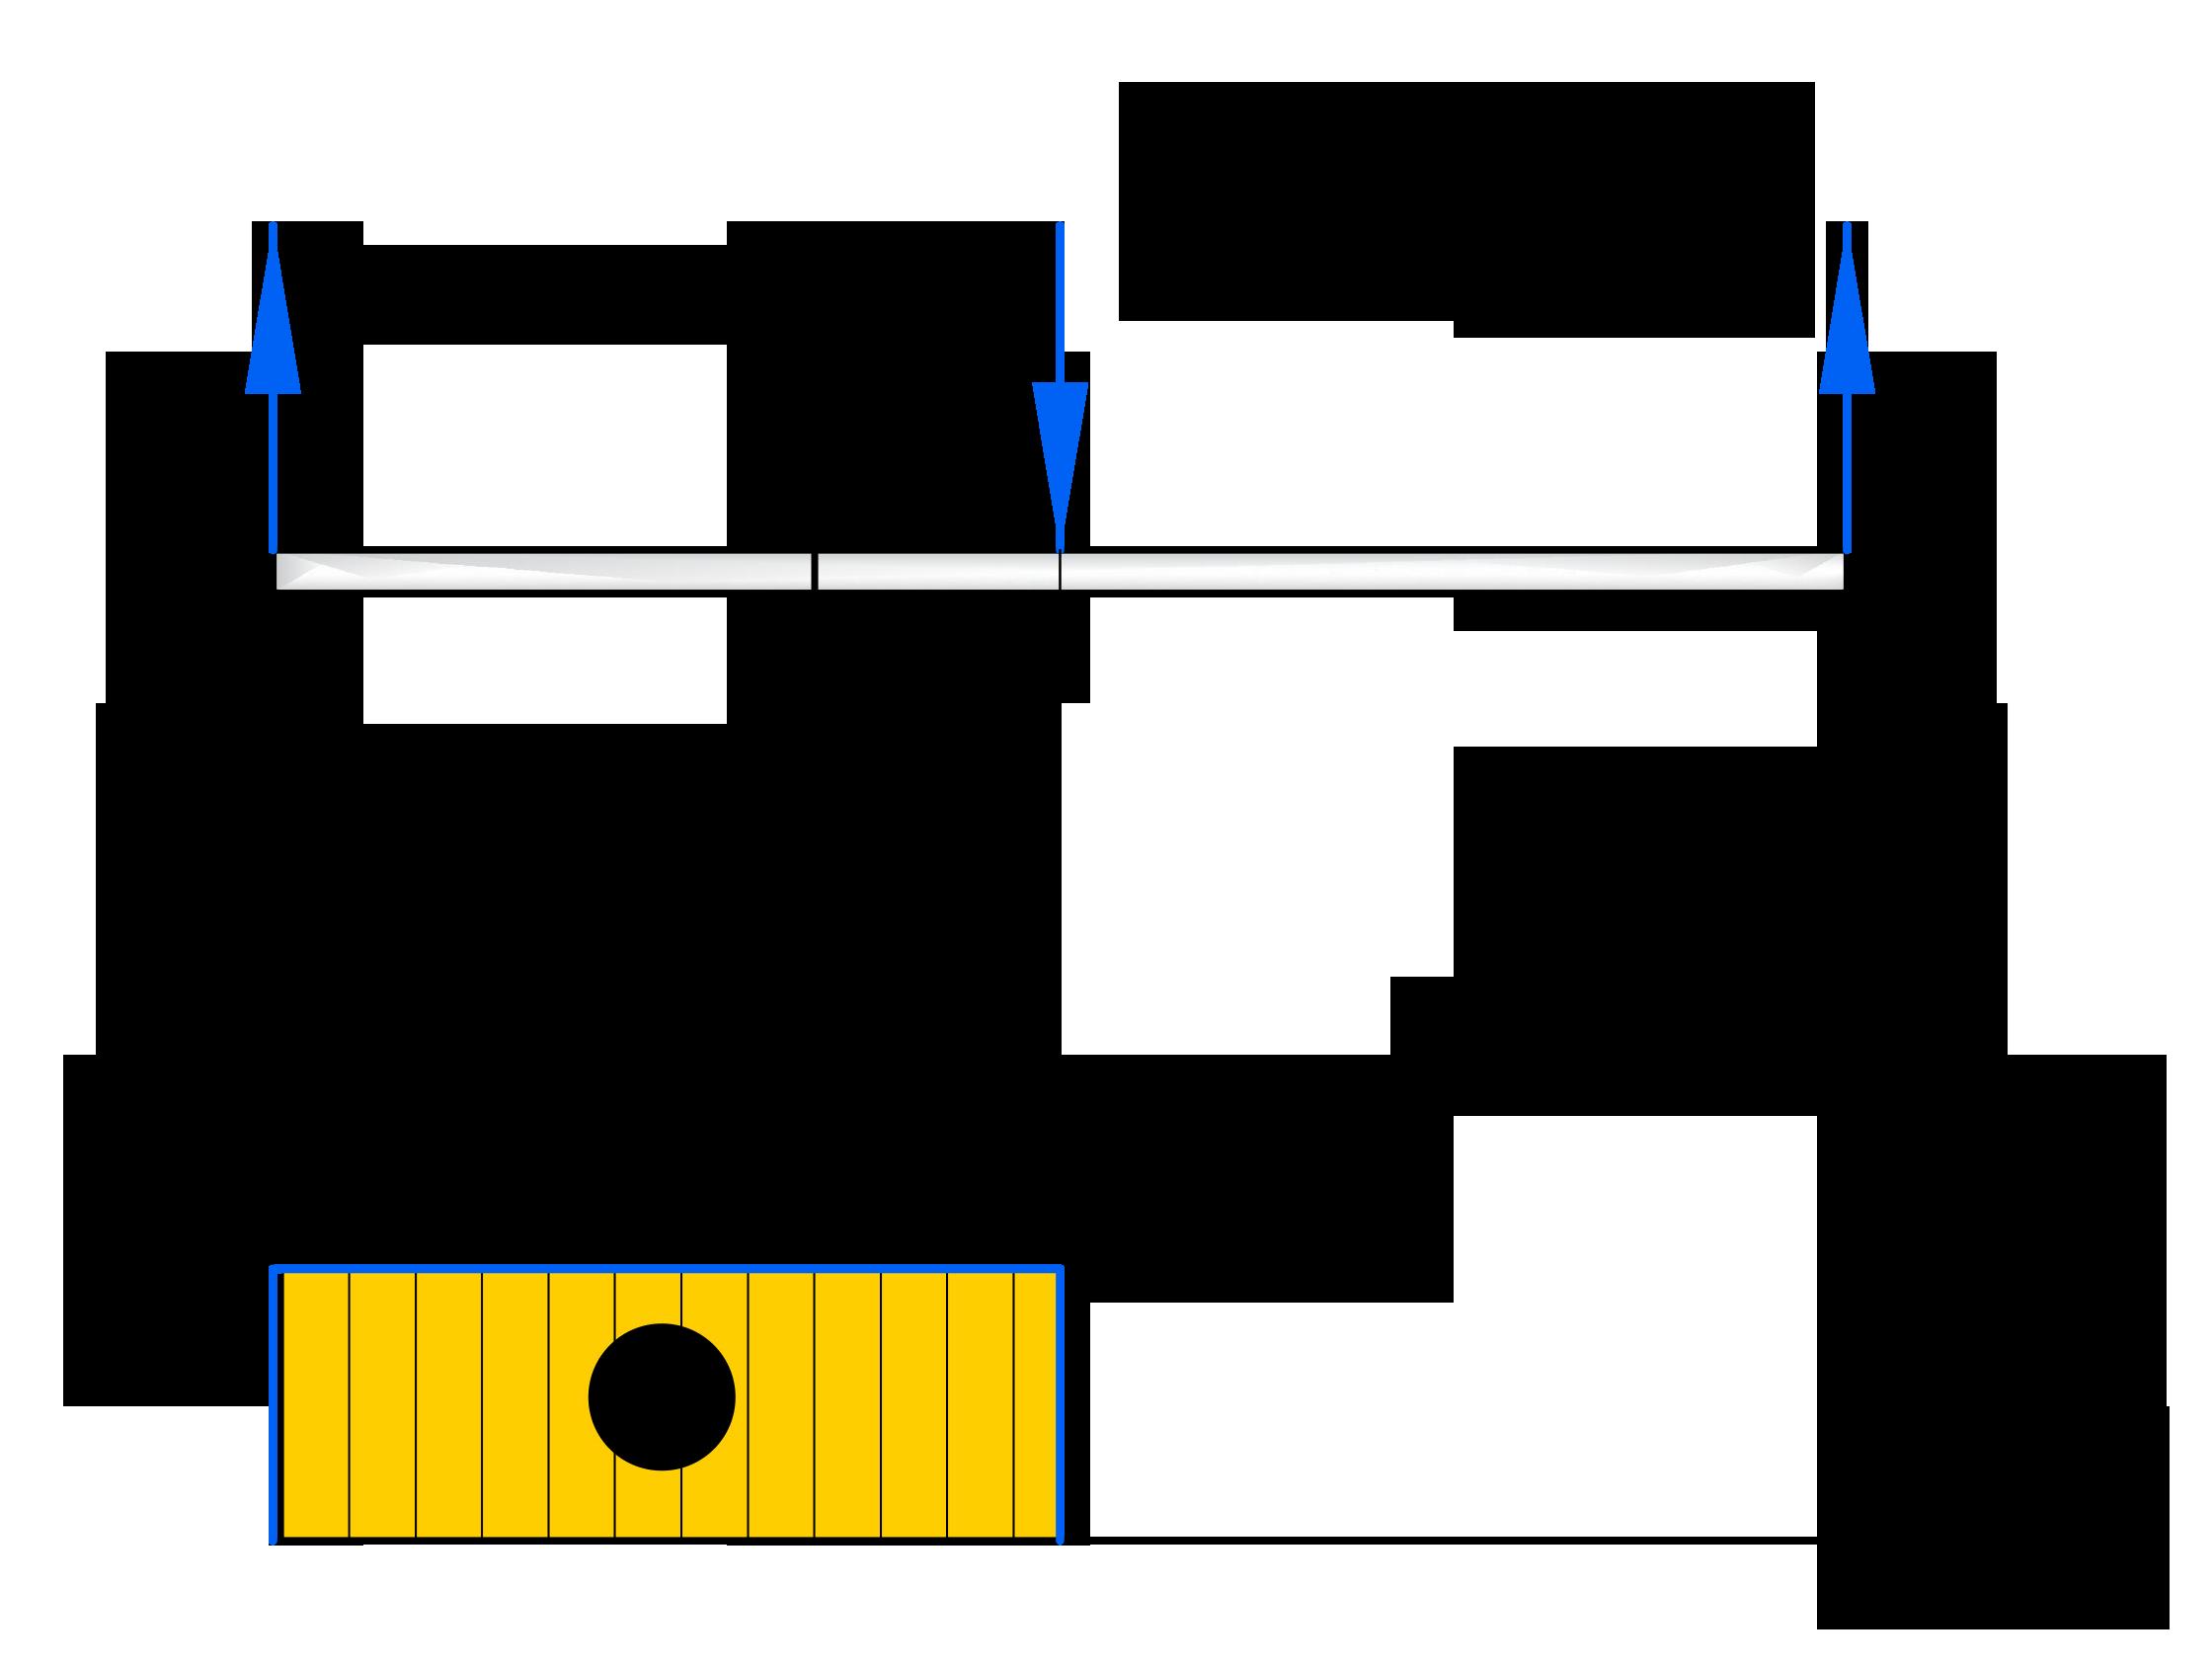 Построение эпюры поперечных сил на первом участке